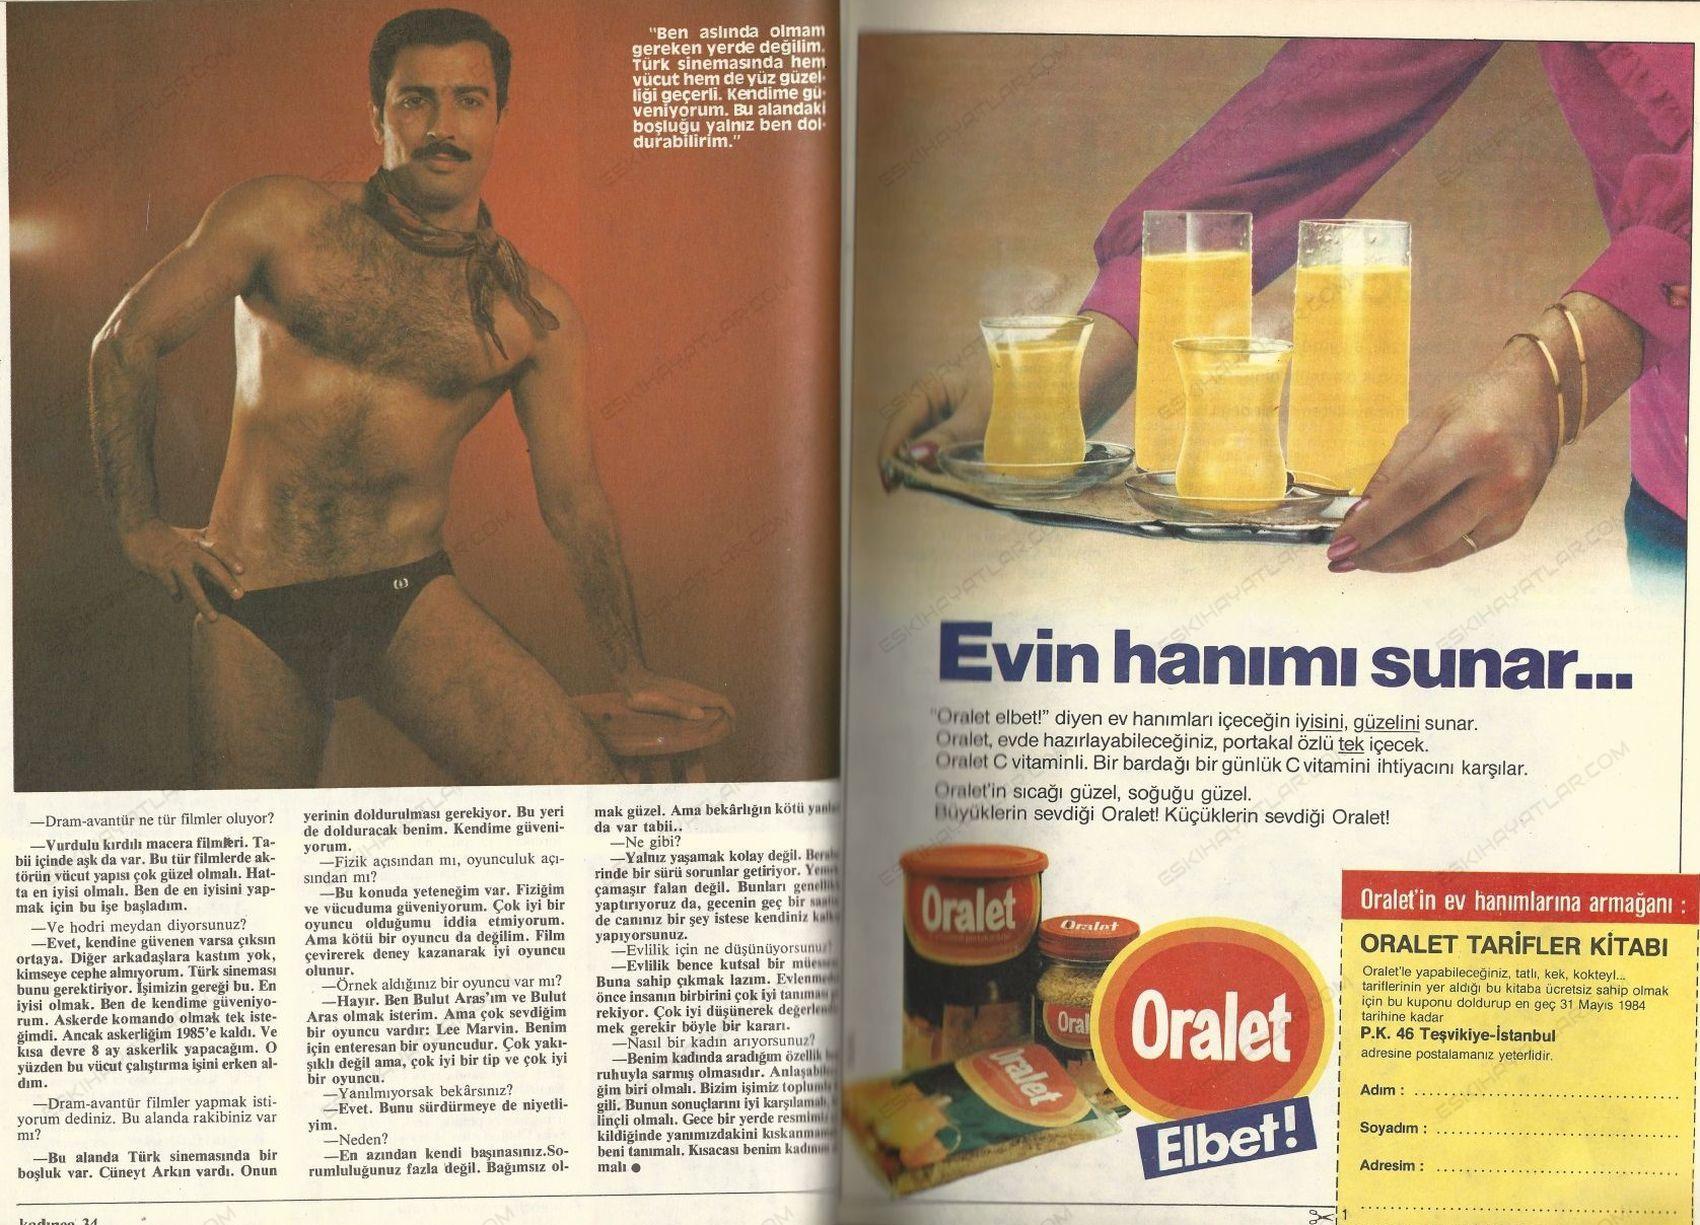 0388-bulut-aras-turk-sinemasinin-en-iyigi-fizigi-benim-1984-kadinca-dergisi (3)